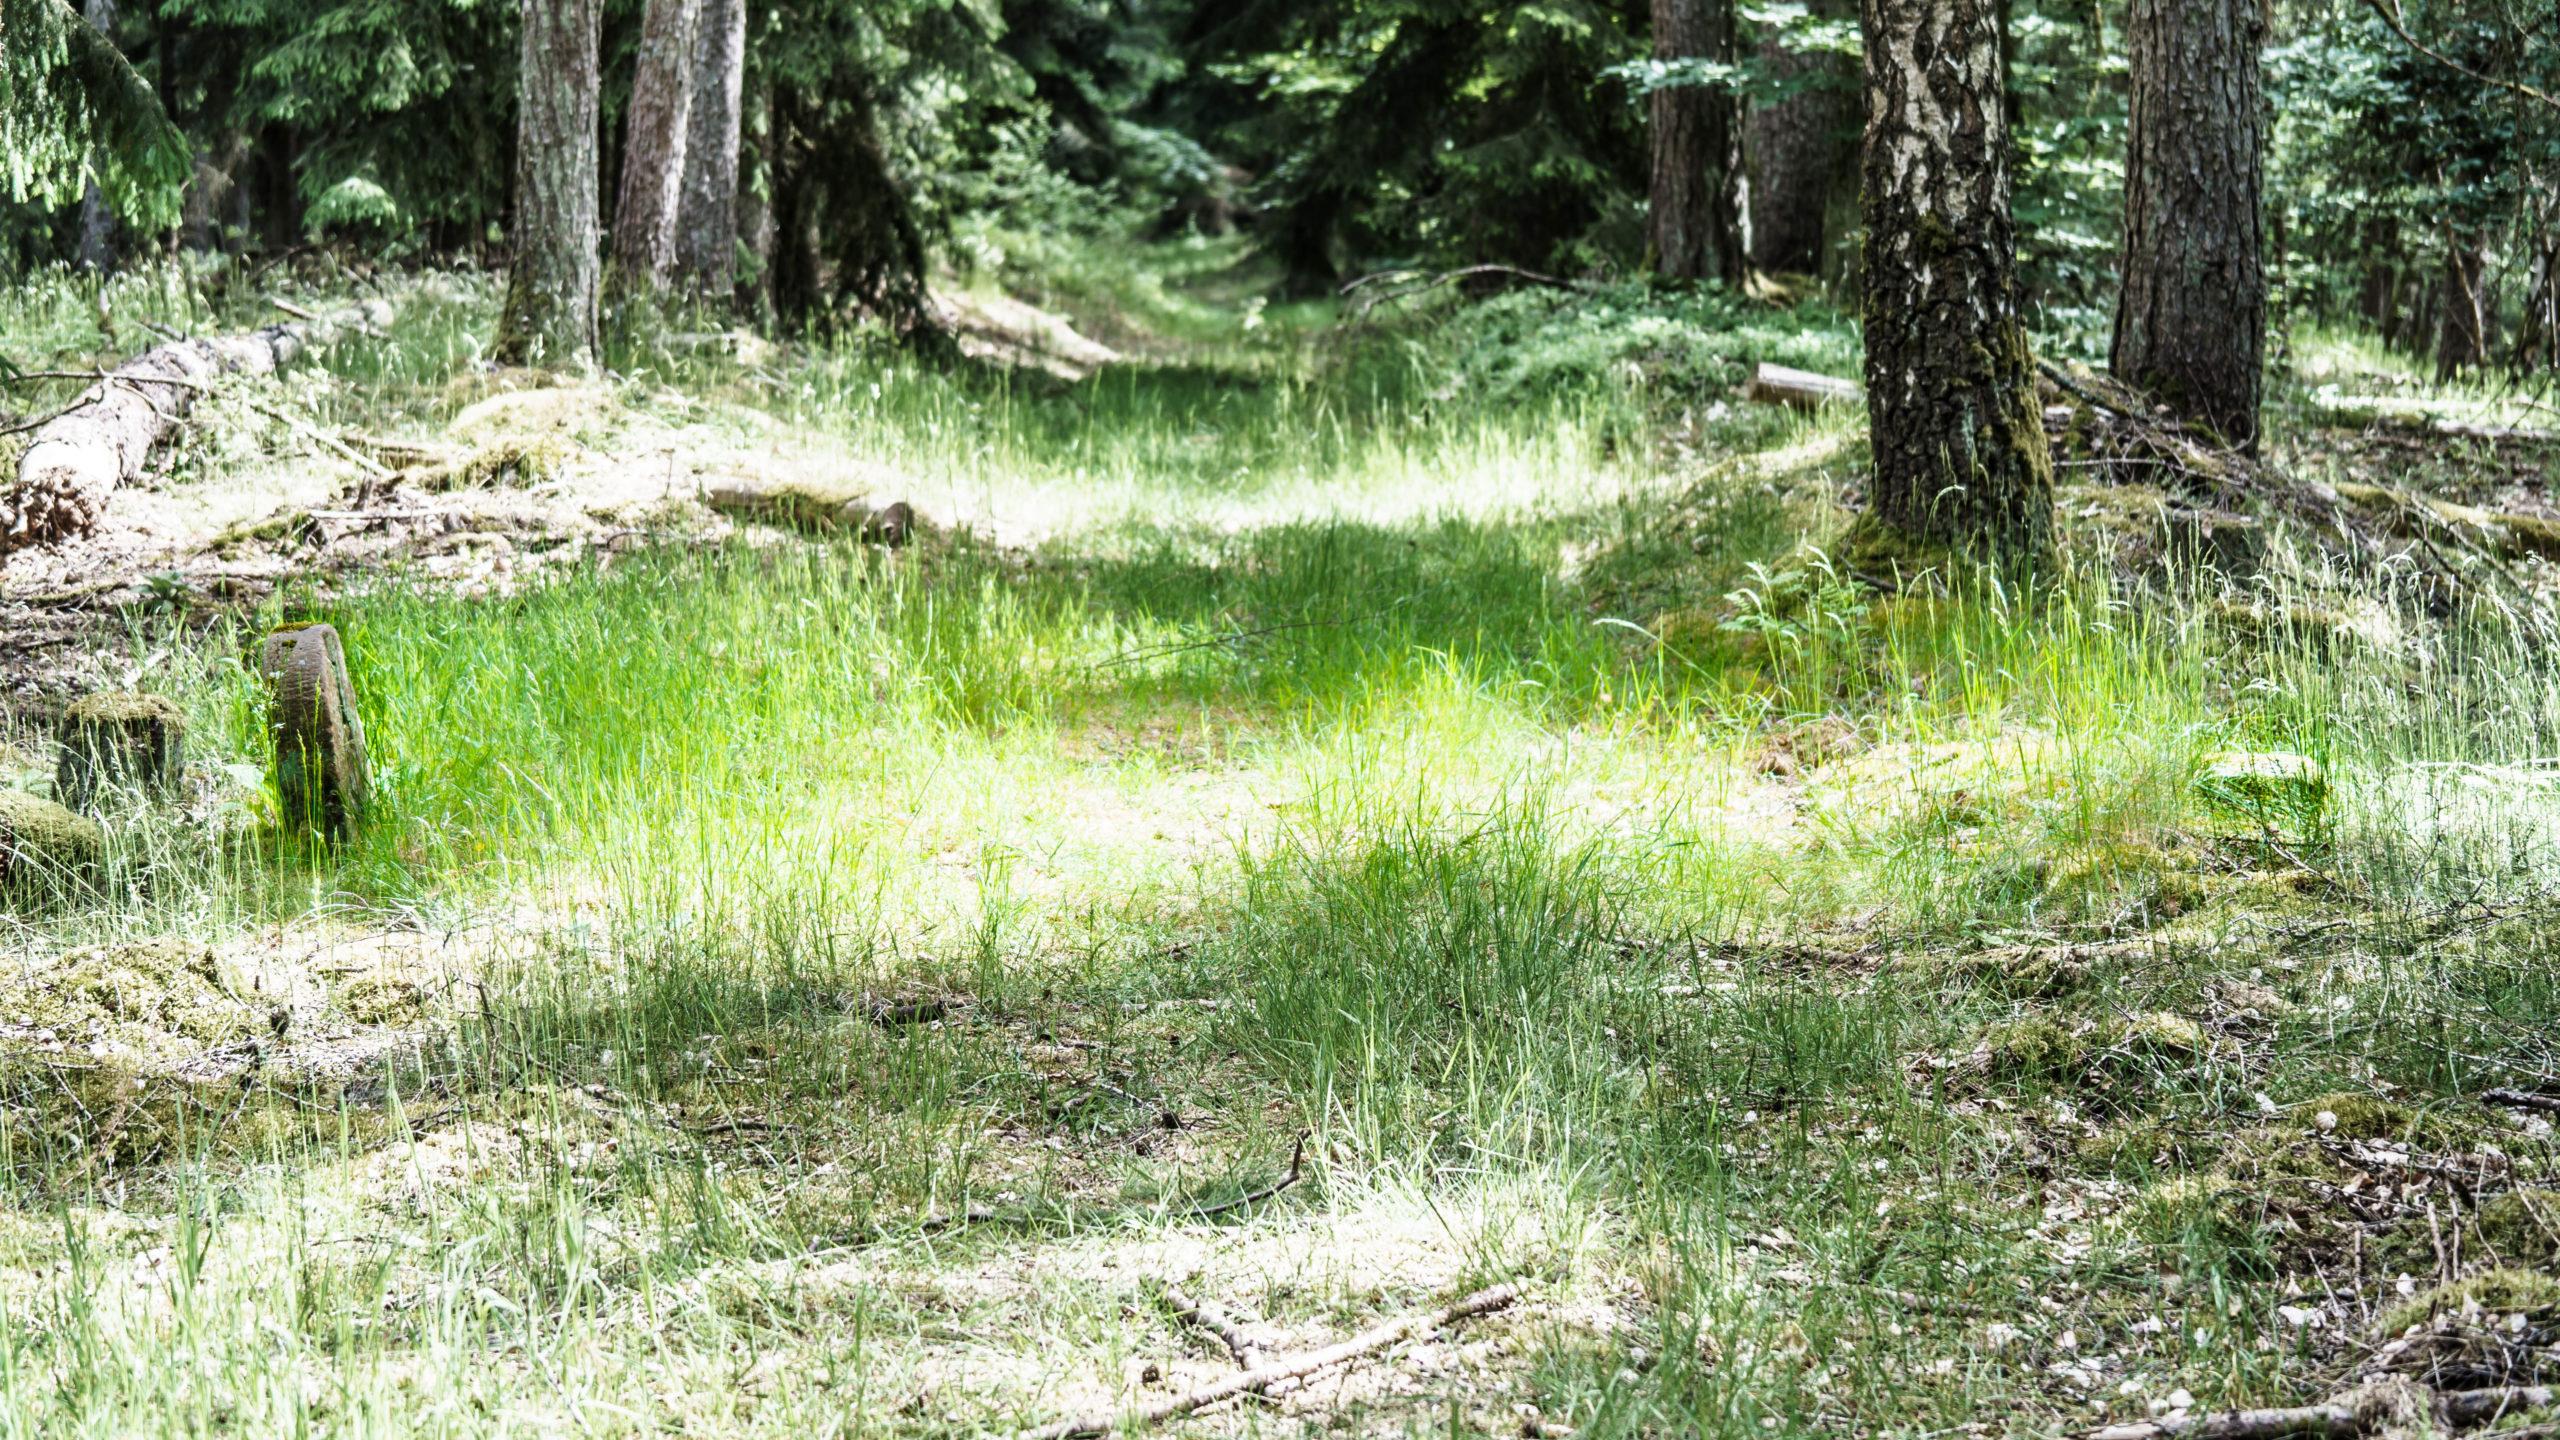 Grenzweg Gerstunger Forst, indirekte Grenzmarkierung auf dem nach Jahrhunderten i.d.R. immer noch gut begehbaren gemeinsamen Weg